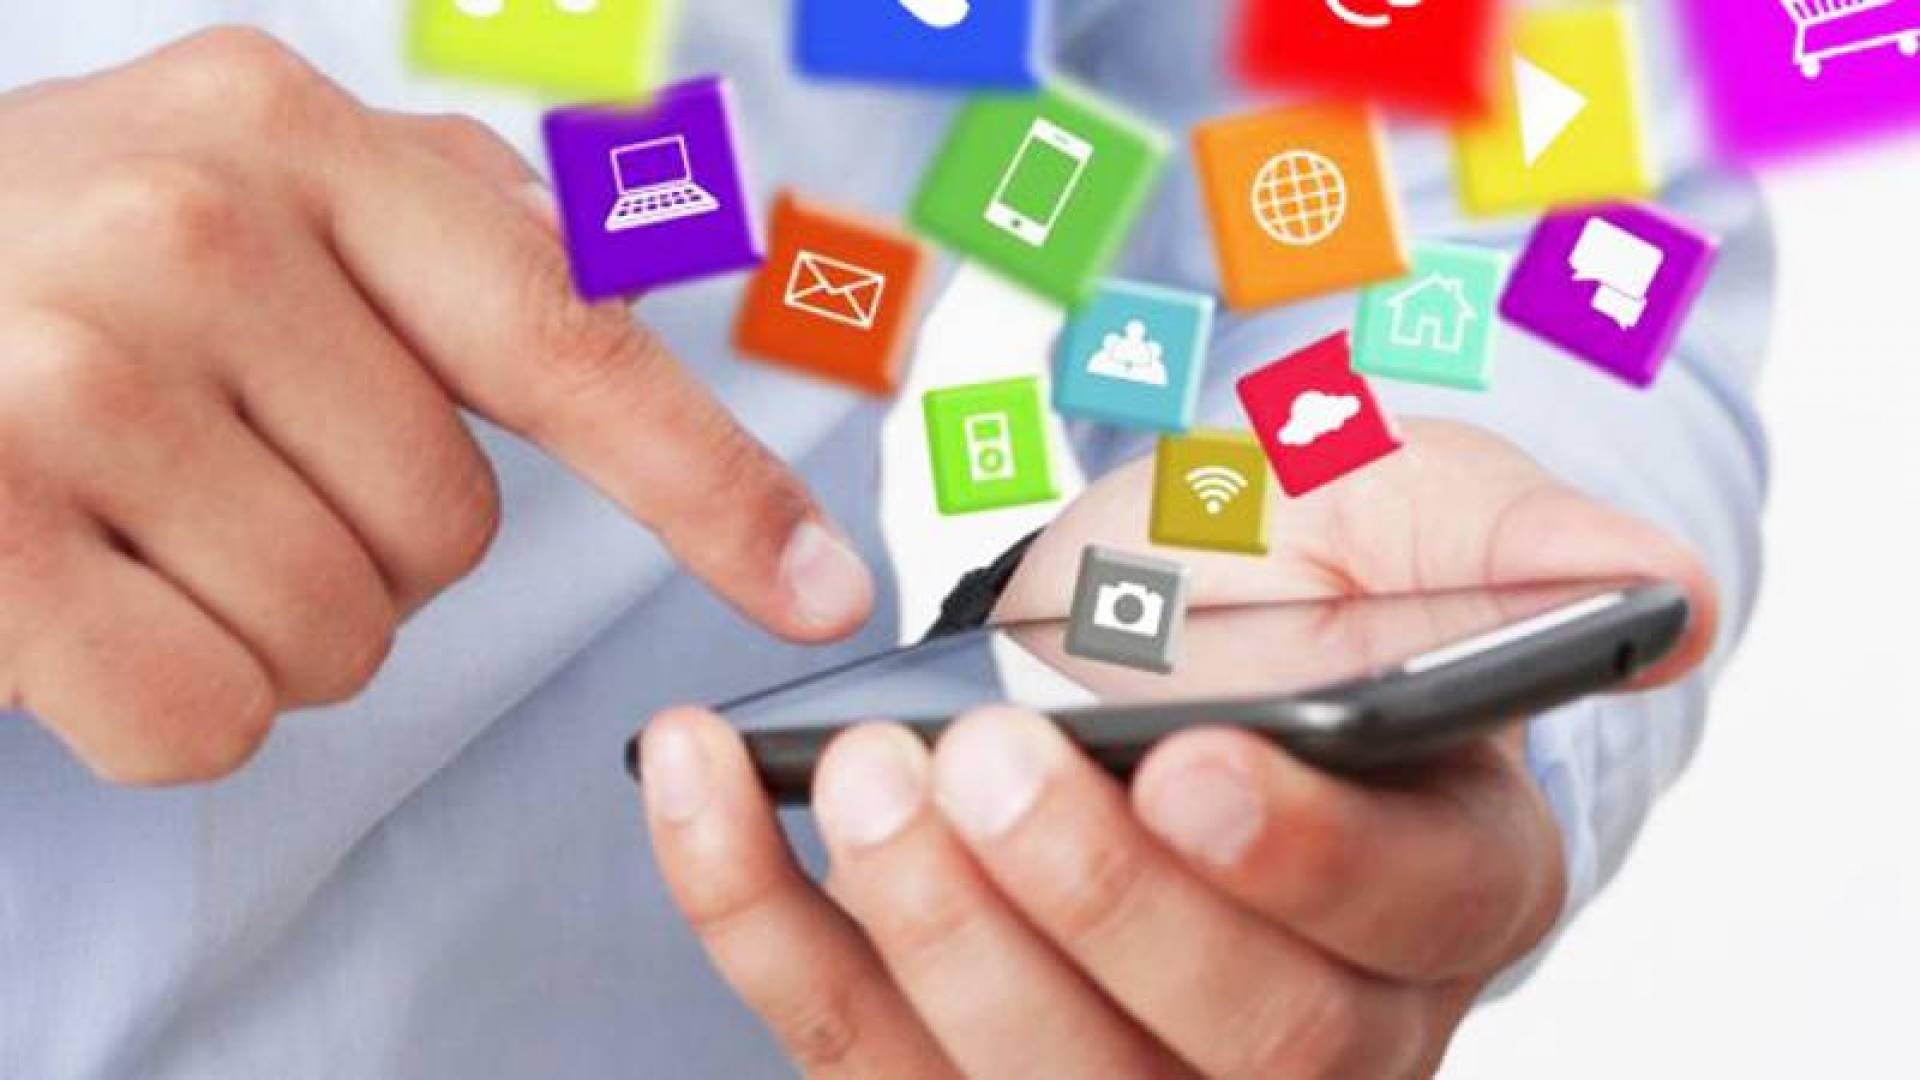 بنوك خليجية وأجنبية تموّل 3 تطبيقات كويتية بـ17 مليون دولار